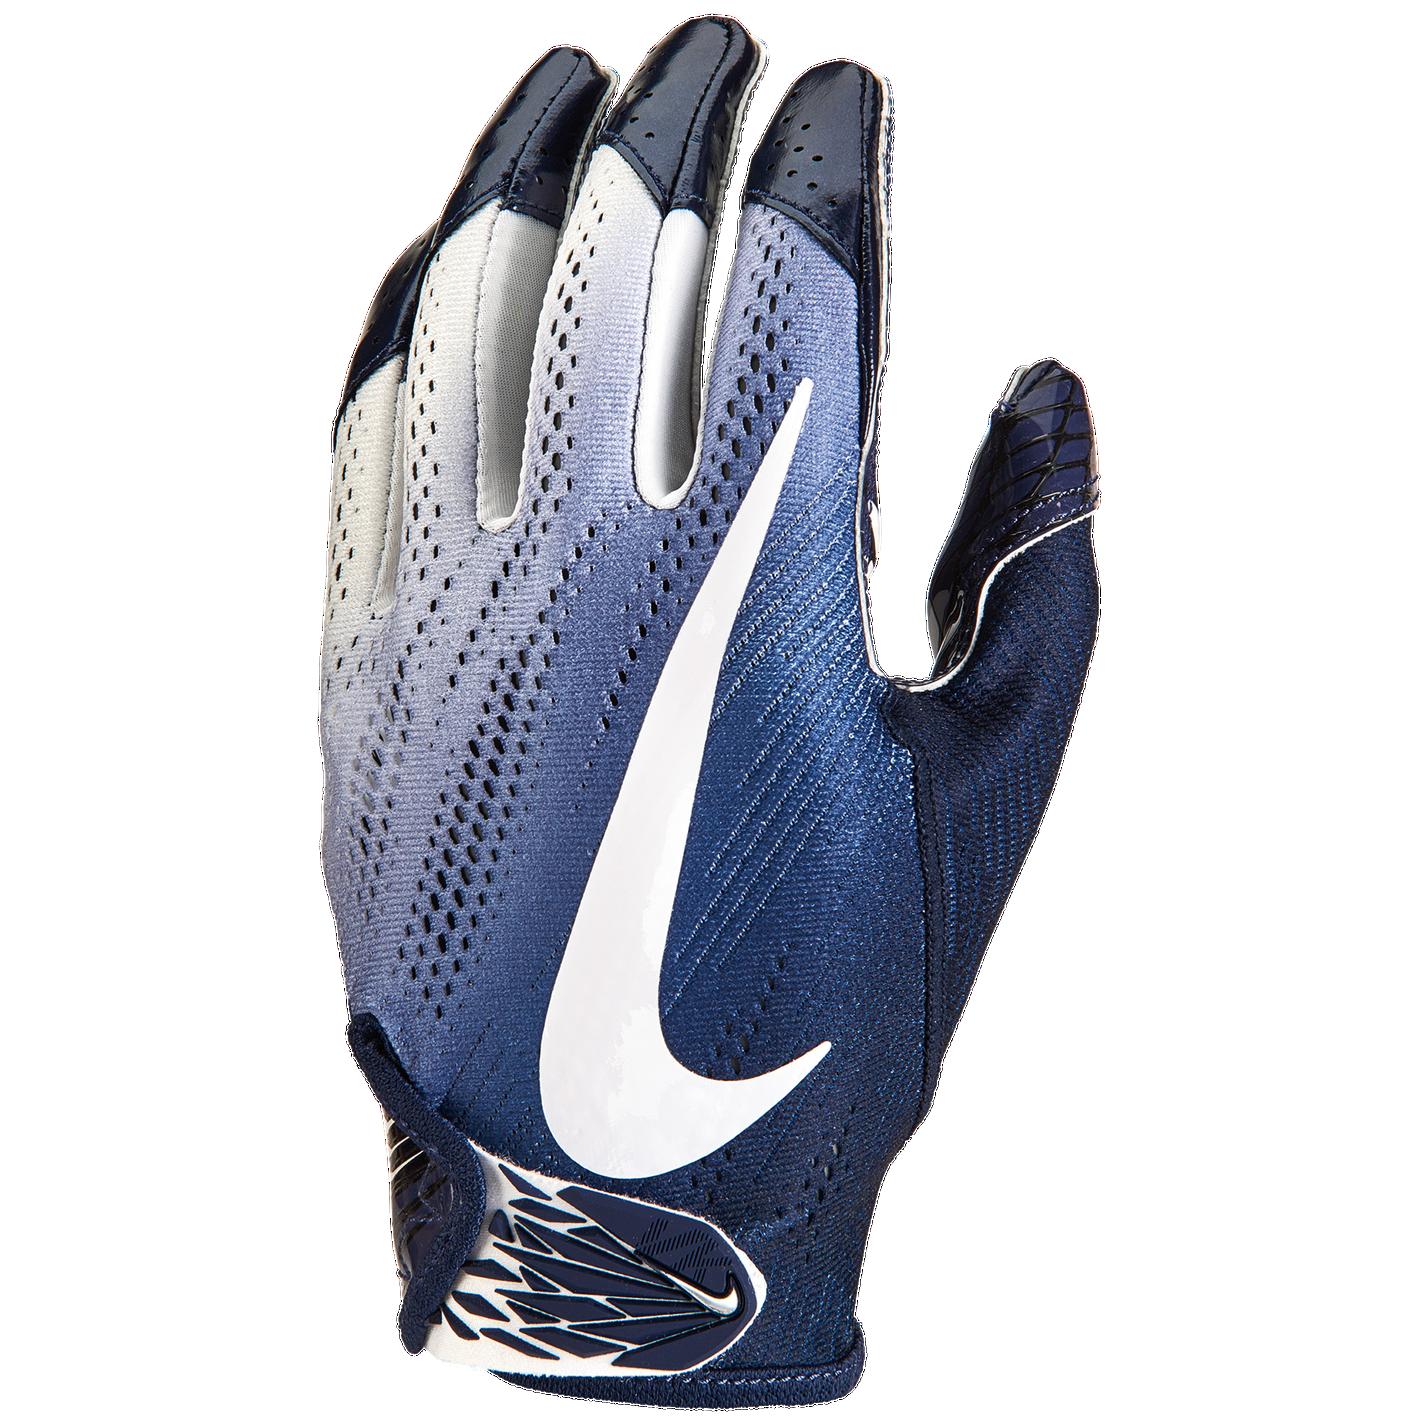 8b3d528ef67 Nike Vapor Knit 2 Football Gloves - Men s - Football - Sport ...